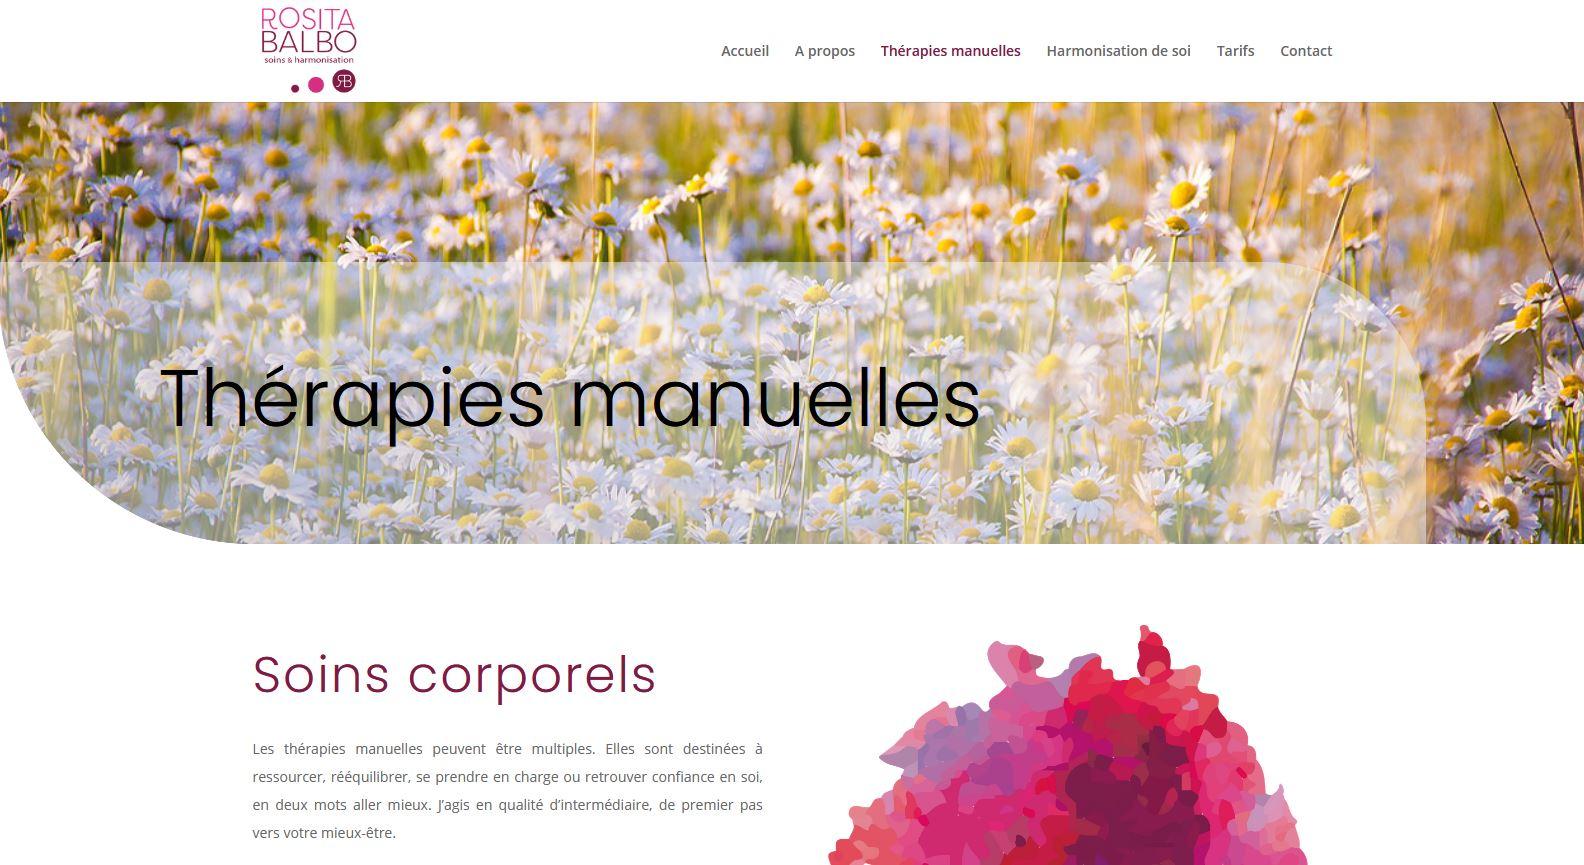 Santé - Rosita Balbo - Site internet - Page Thérapies manuelles